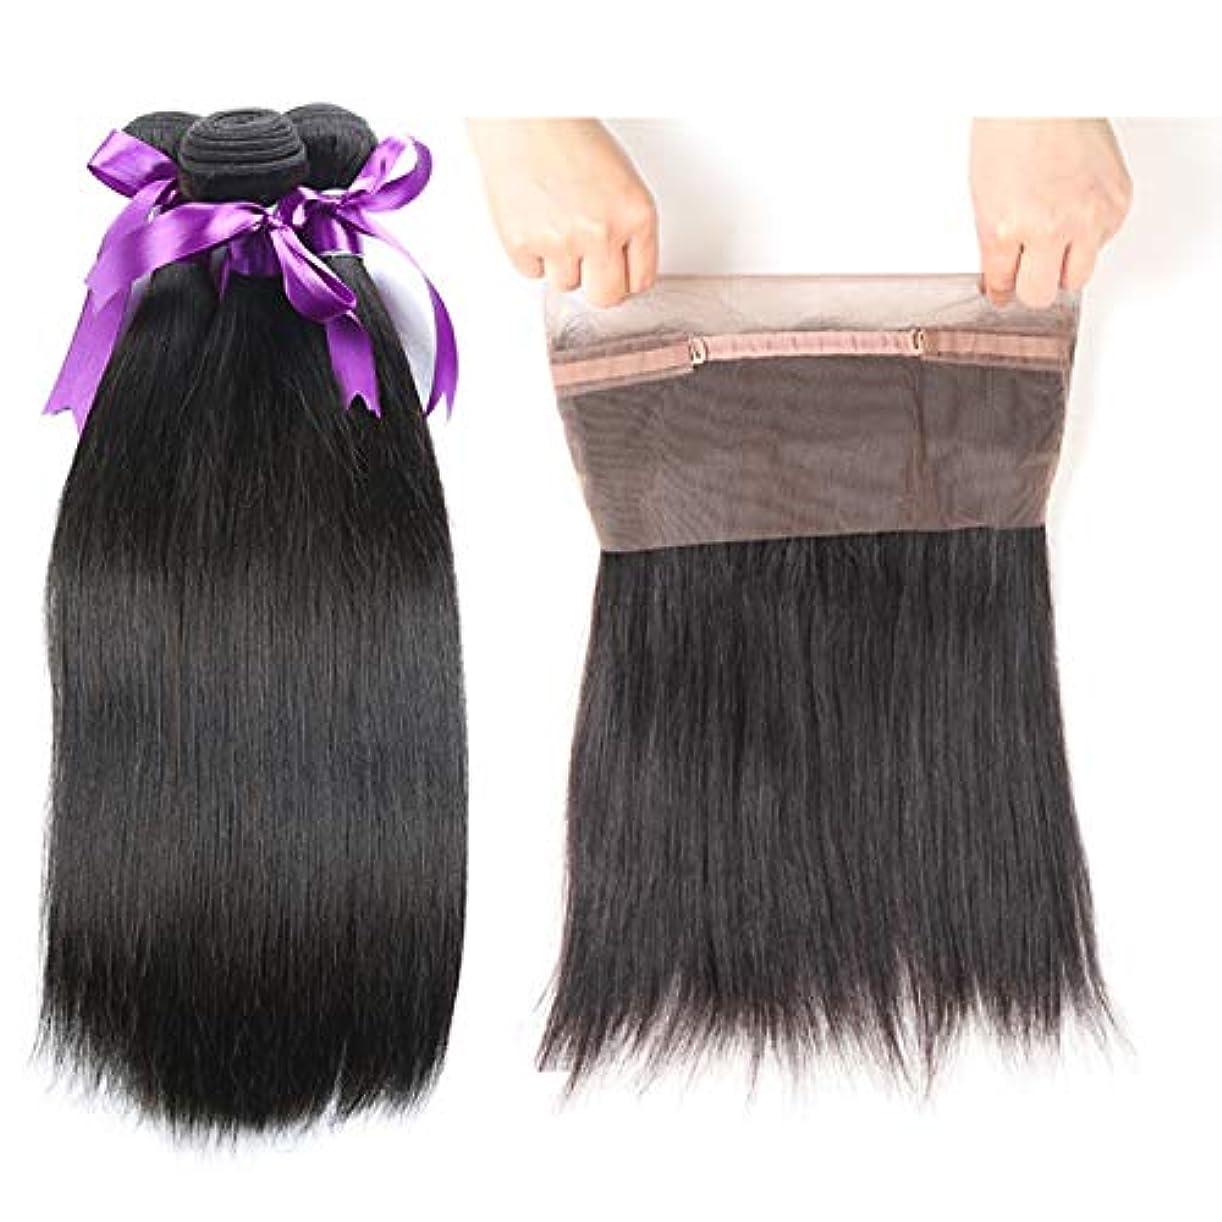 高度地下鉄タンパク質ペルーのストレートボディーヘア360束前頭閉鎖3束人間の髪の毛の束閉鎖Non-Remy (Length : 24 24 24 Closure20)